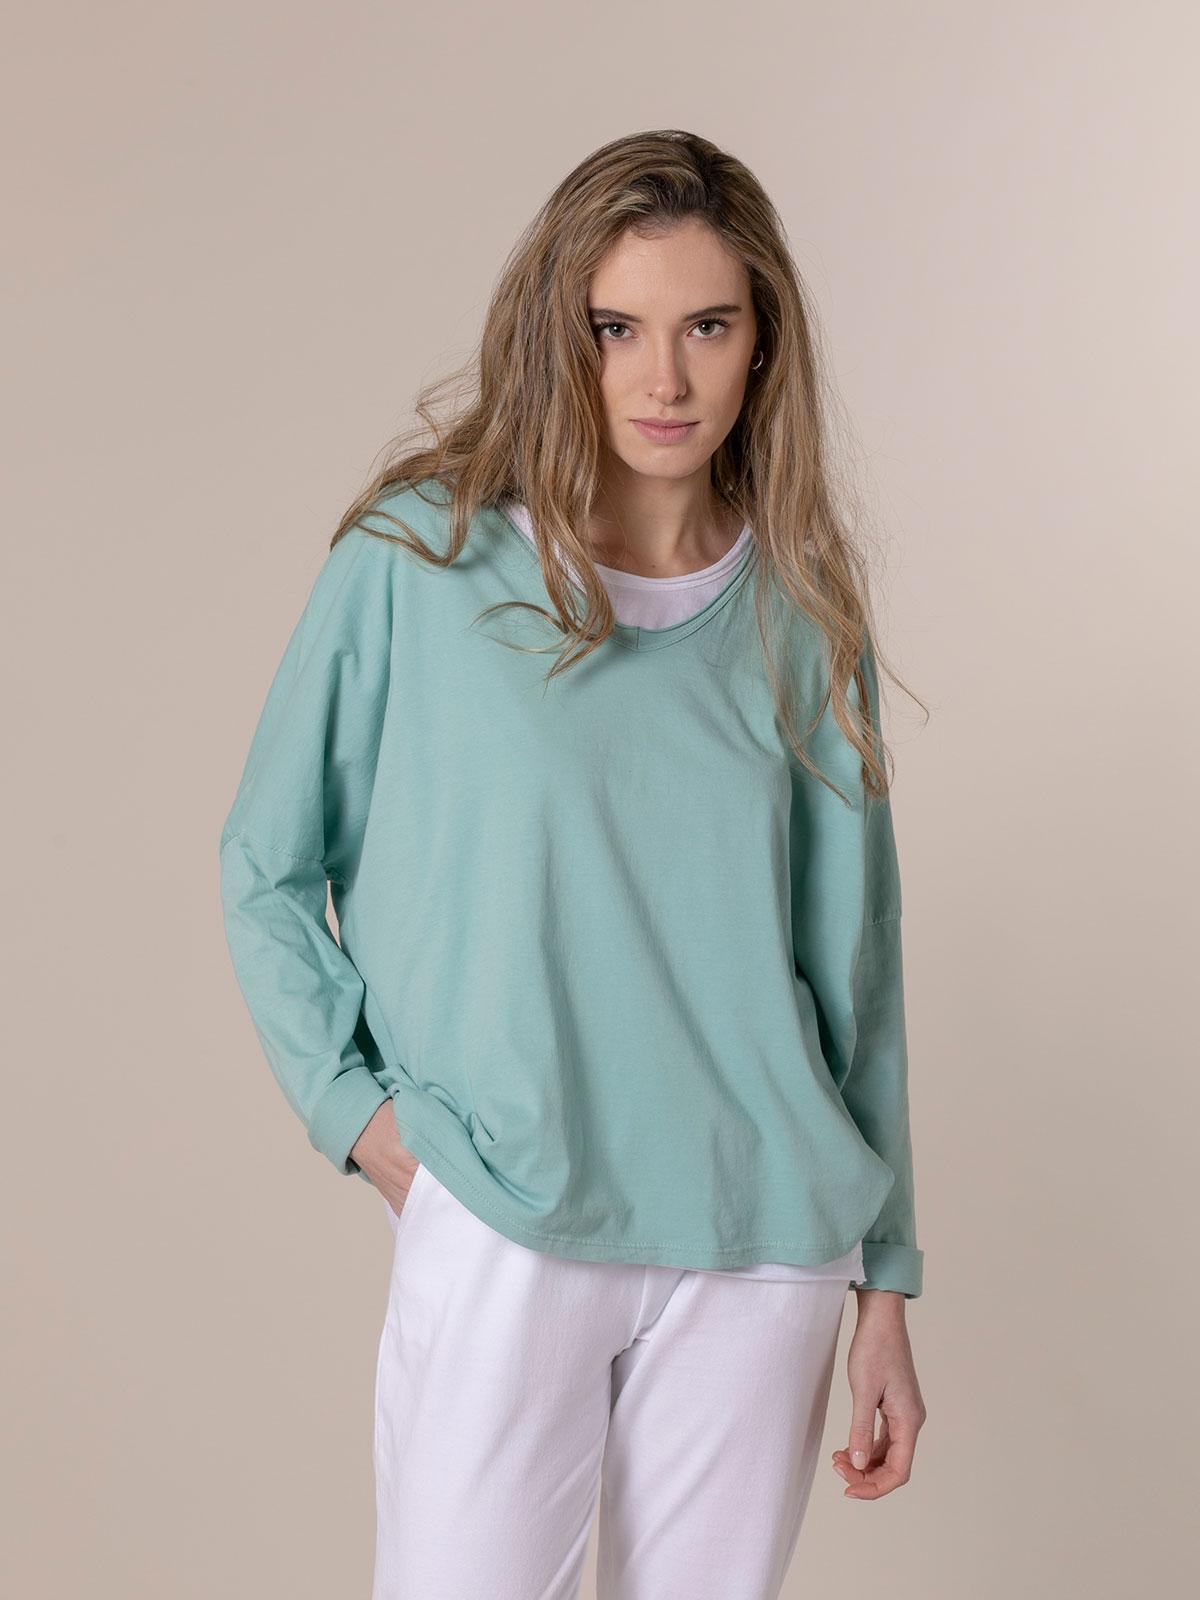 Camiseta mujer algodón lisa cuello pico Aqua